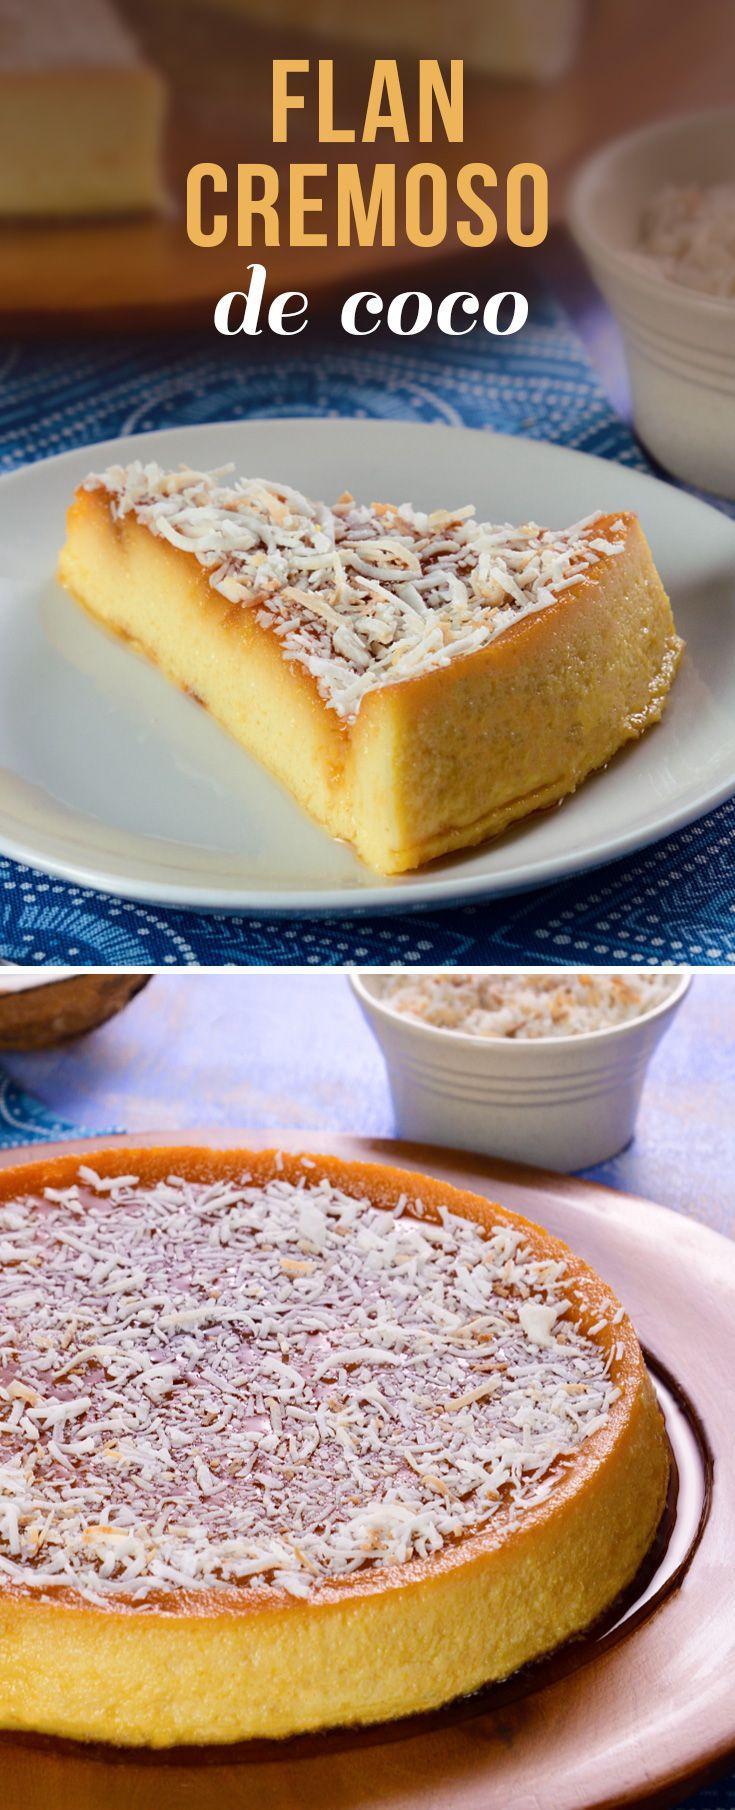 Este flan de coco tiene la combinación perfecta entre crema de coco y el crocante sabor del coco tostado. Un postre para compartir con la familia el fin de semana o celebrar Navidad y Año Nuevo.